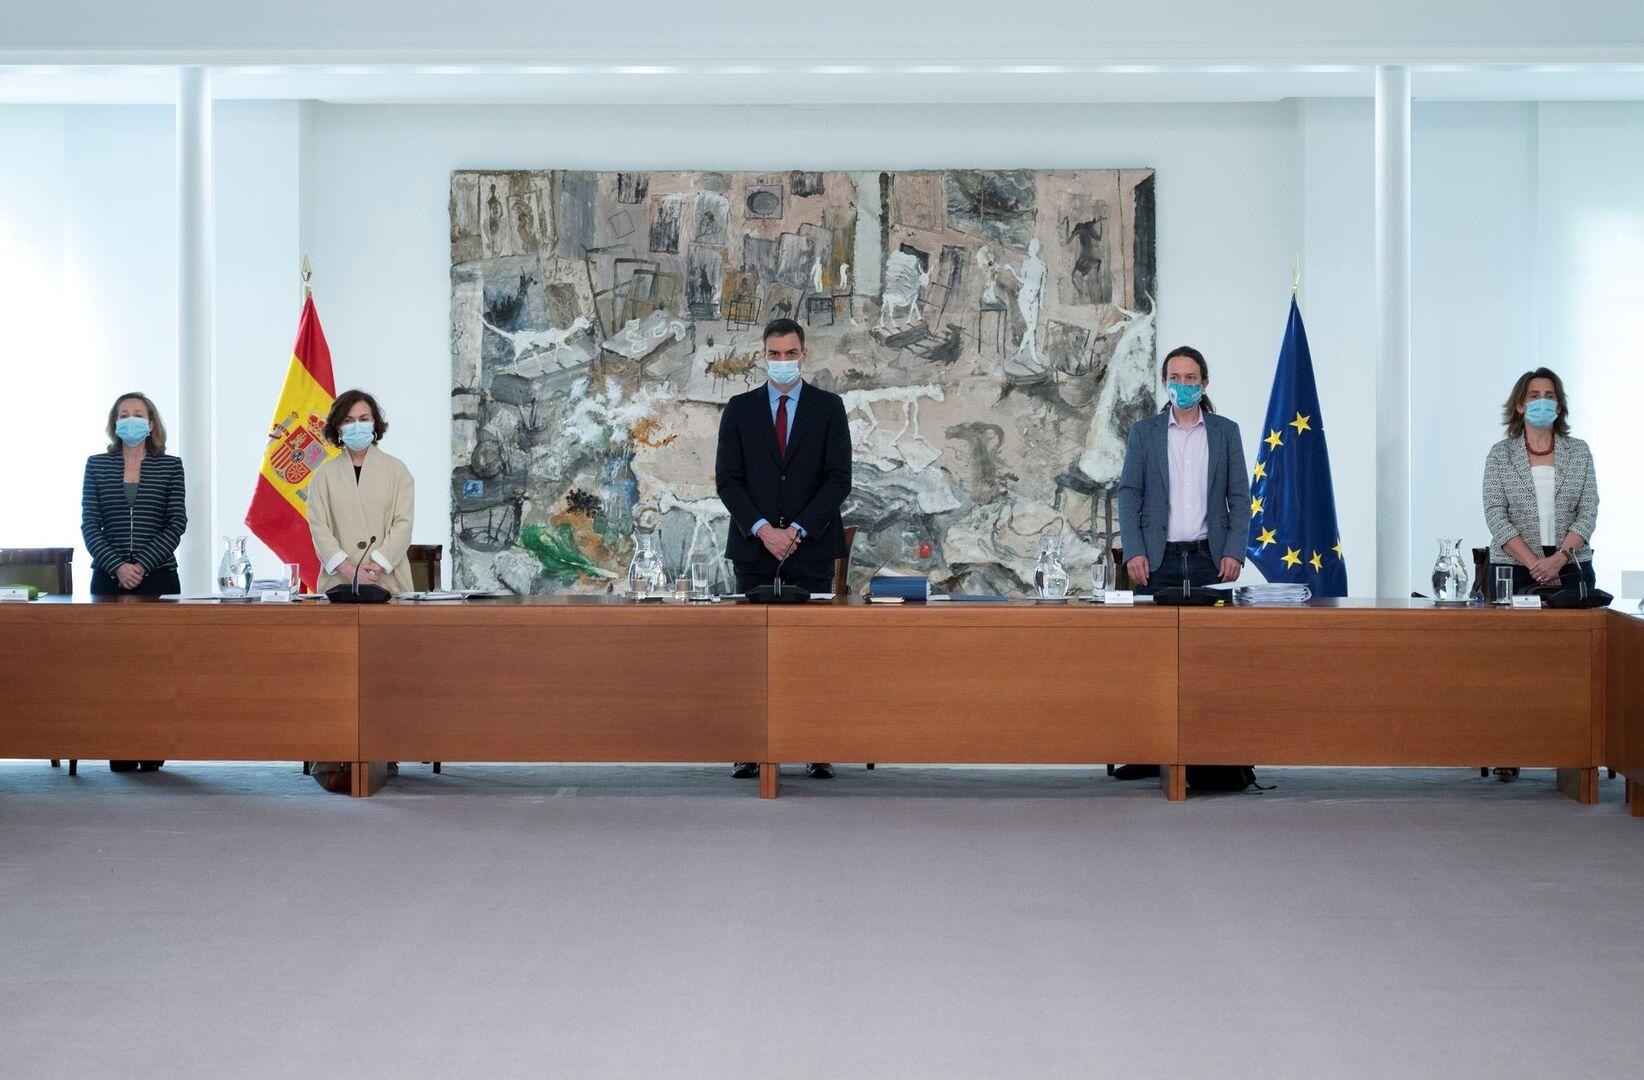 El Gobierno suspende la rueda de prensa del Consejo de Ministros por primera vez desde la abdicación de Juan Carlos I